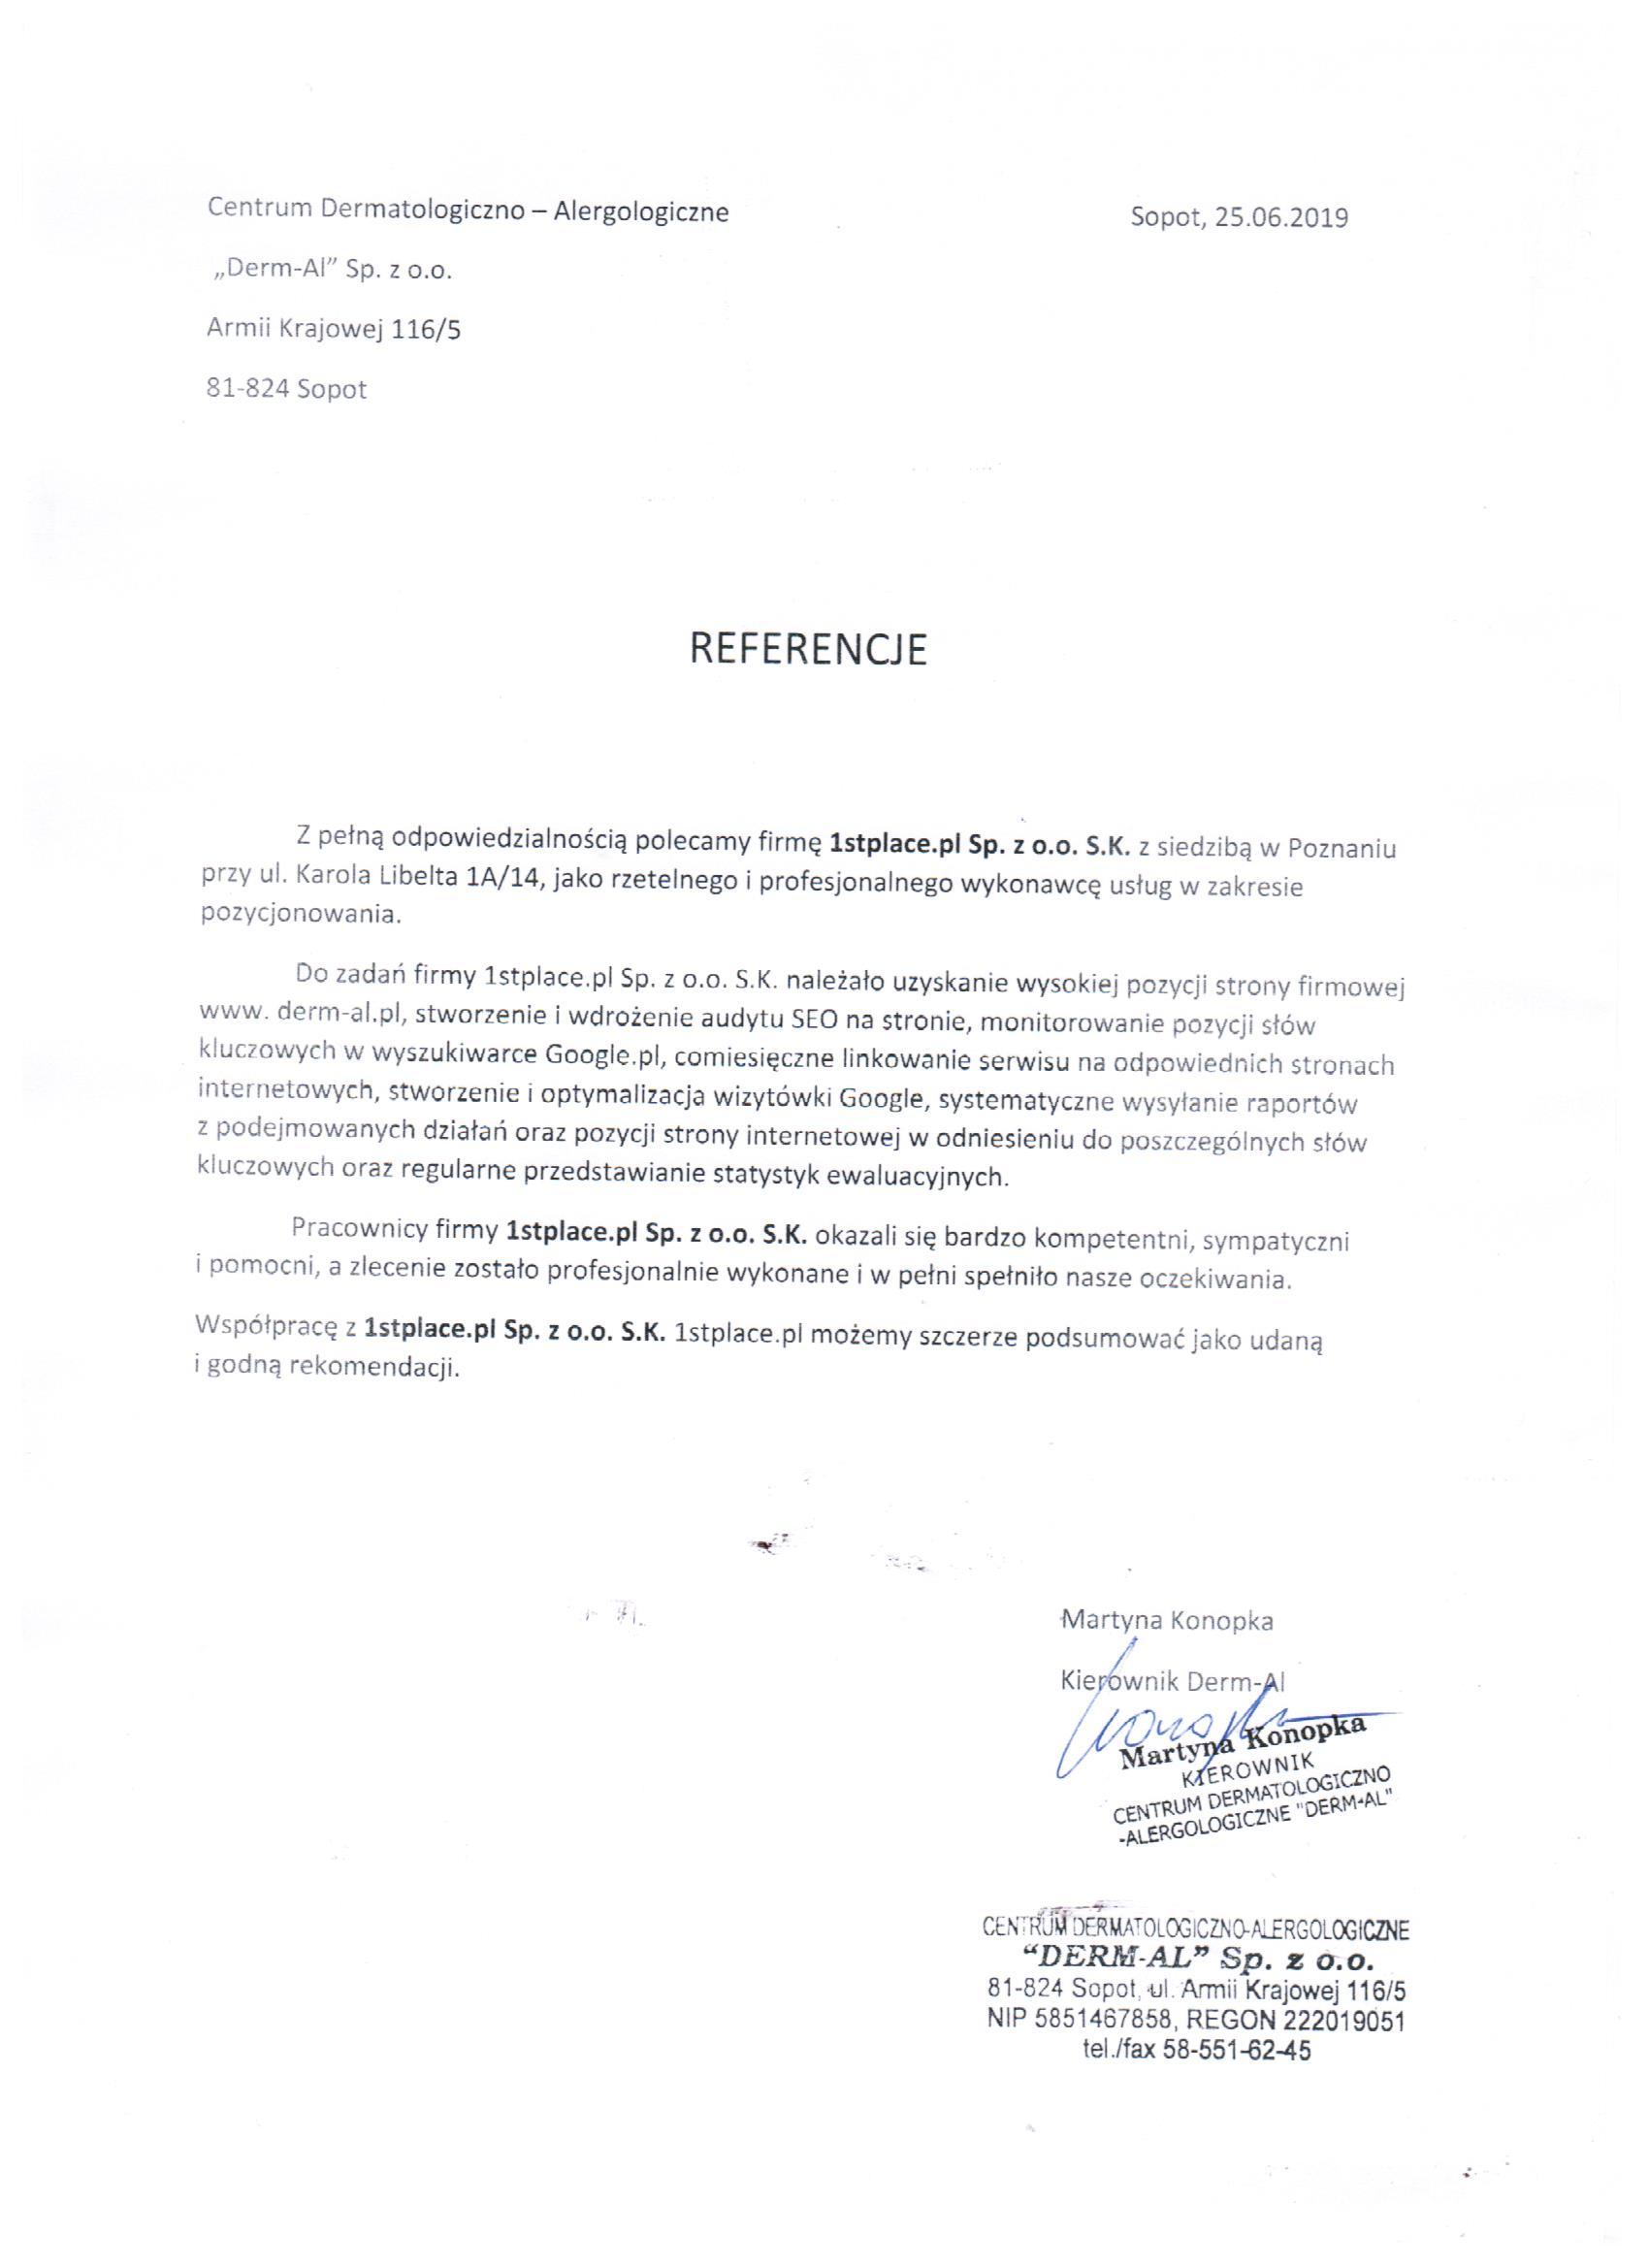 Referencje pozycjonowanie derm-al.pl